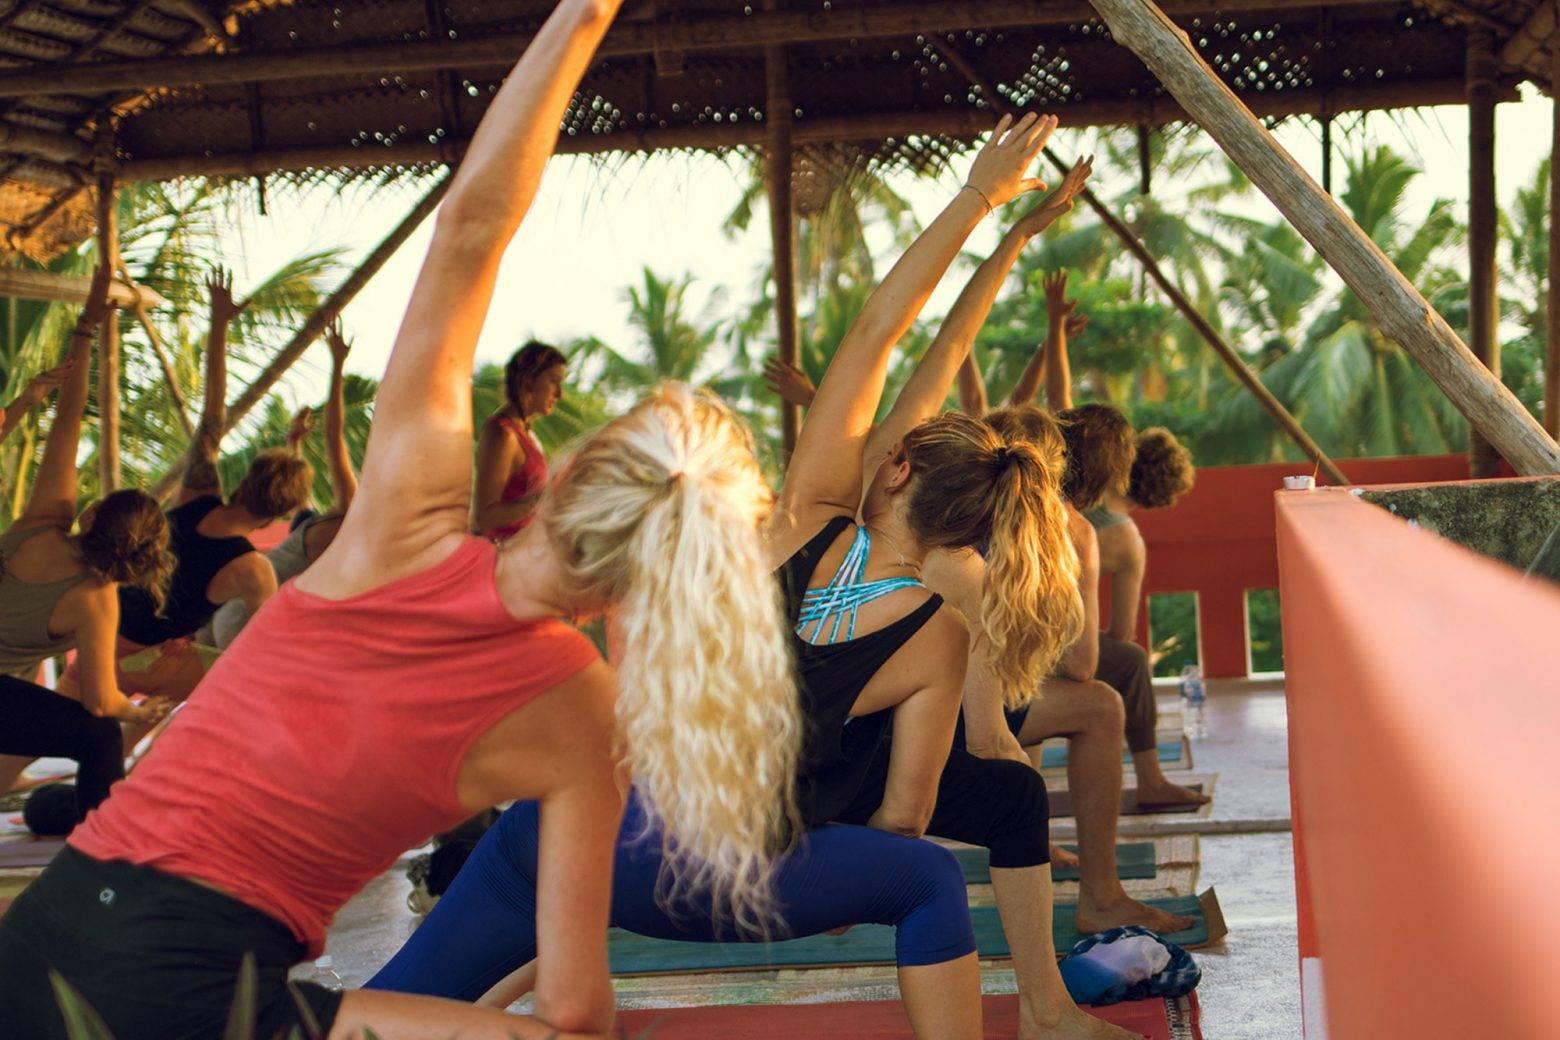 https://www.soulandsurf.com/wp-content/uploads/2021/04/indiayogastudents-on-the-roof-shala-e1627563296273.jpg Image